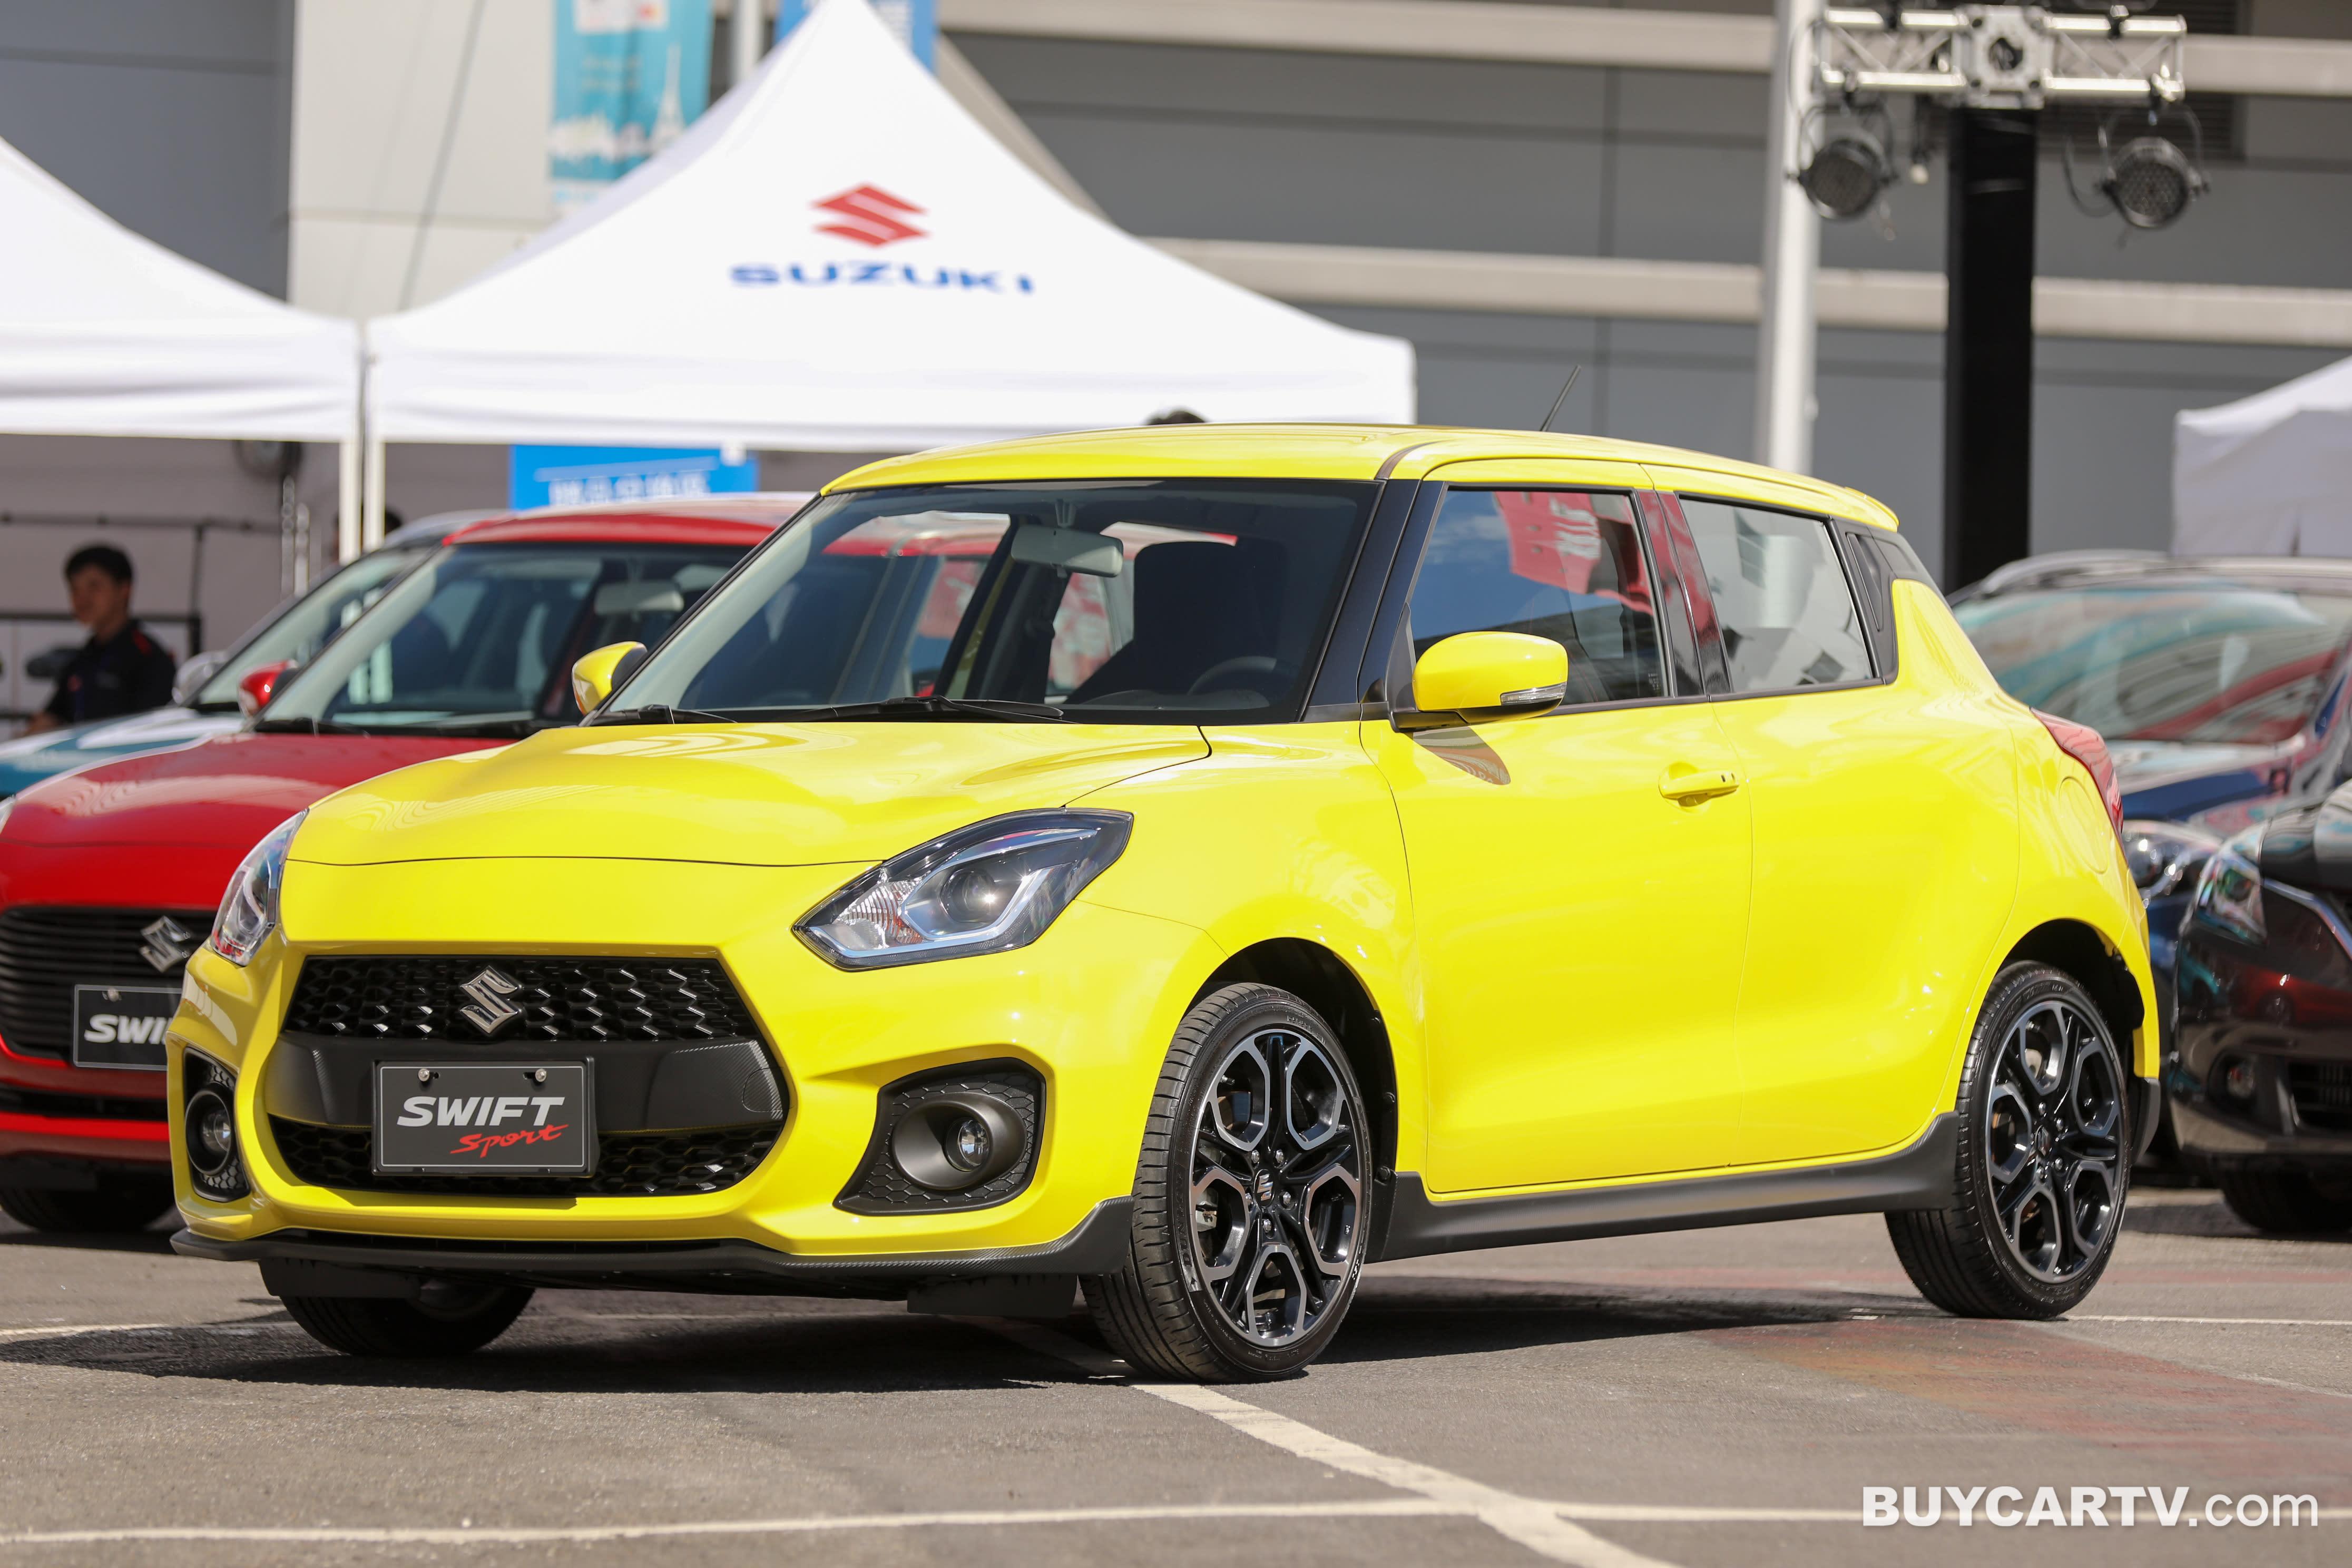 全車系免費摸透透!Suzuki Go Unique Fun Driving 戶外展演活動